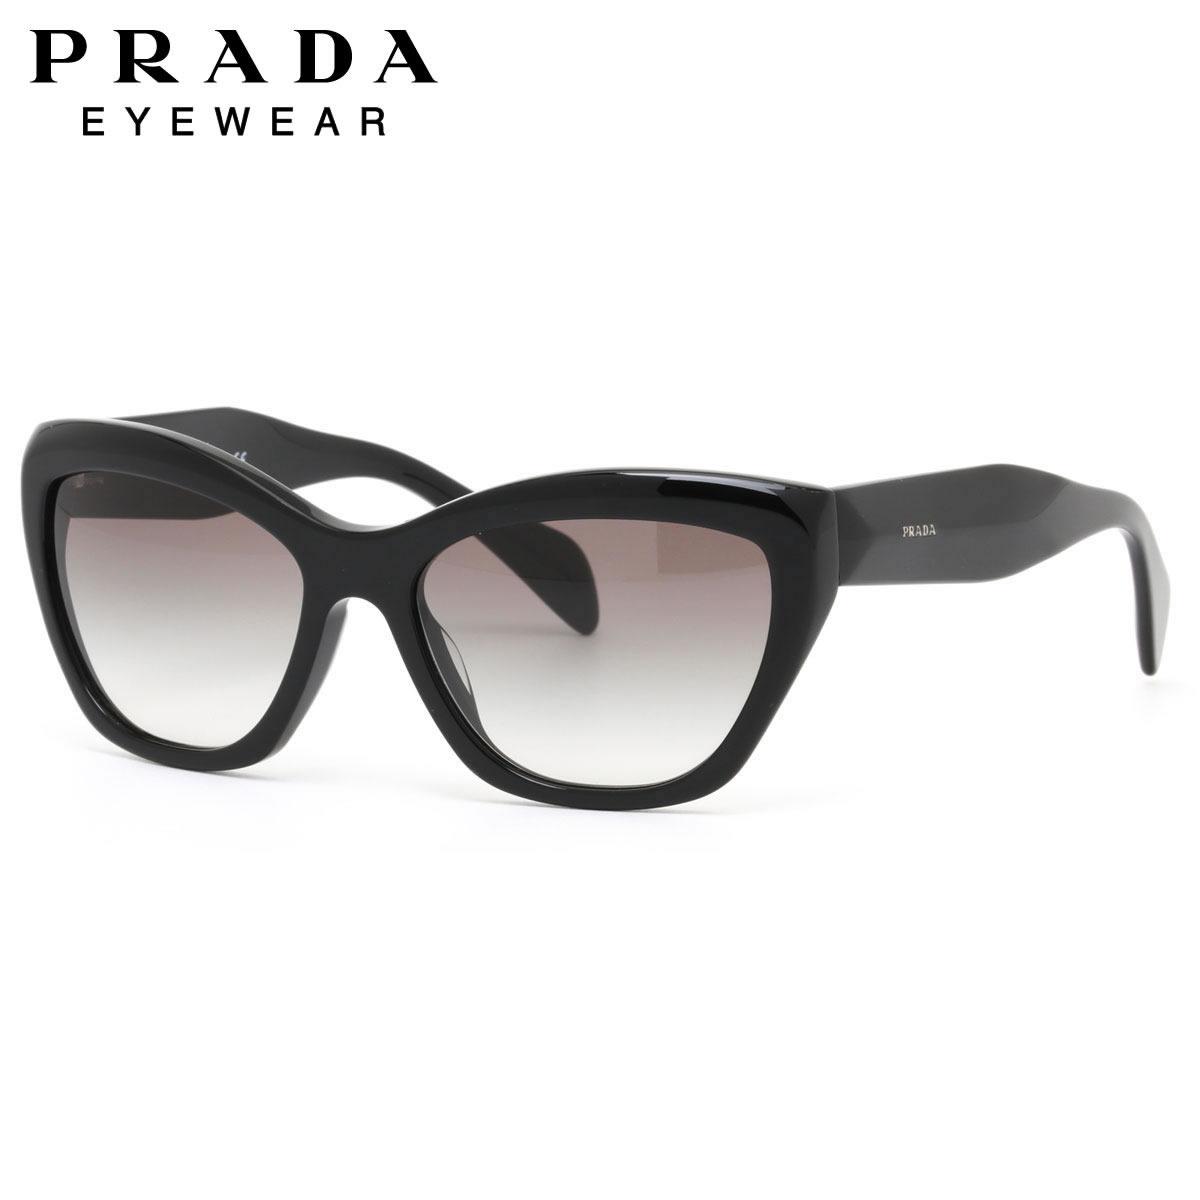 【プラダ正規商品販売店】PRADA(プラダ)サングラス PR02QSA 1AB0A7 56サイズ 【あす楽対応】:メガネ・サングラスのThat's